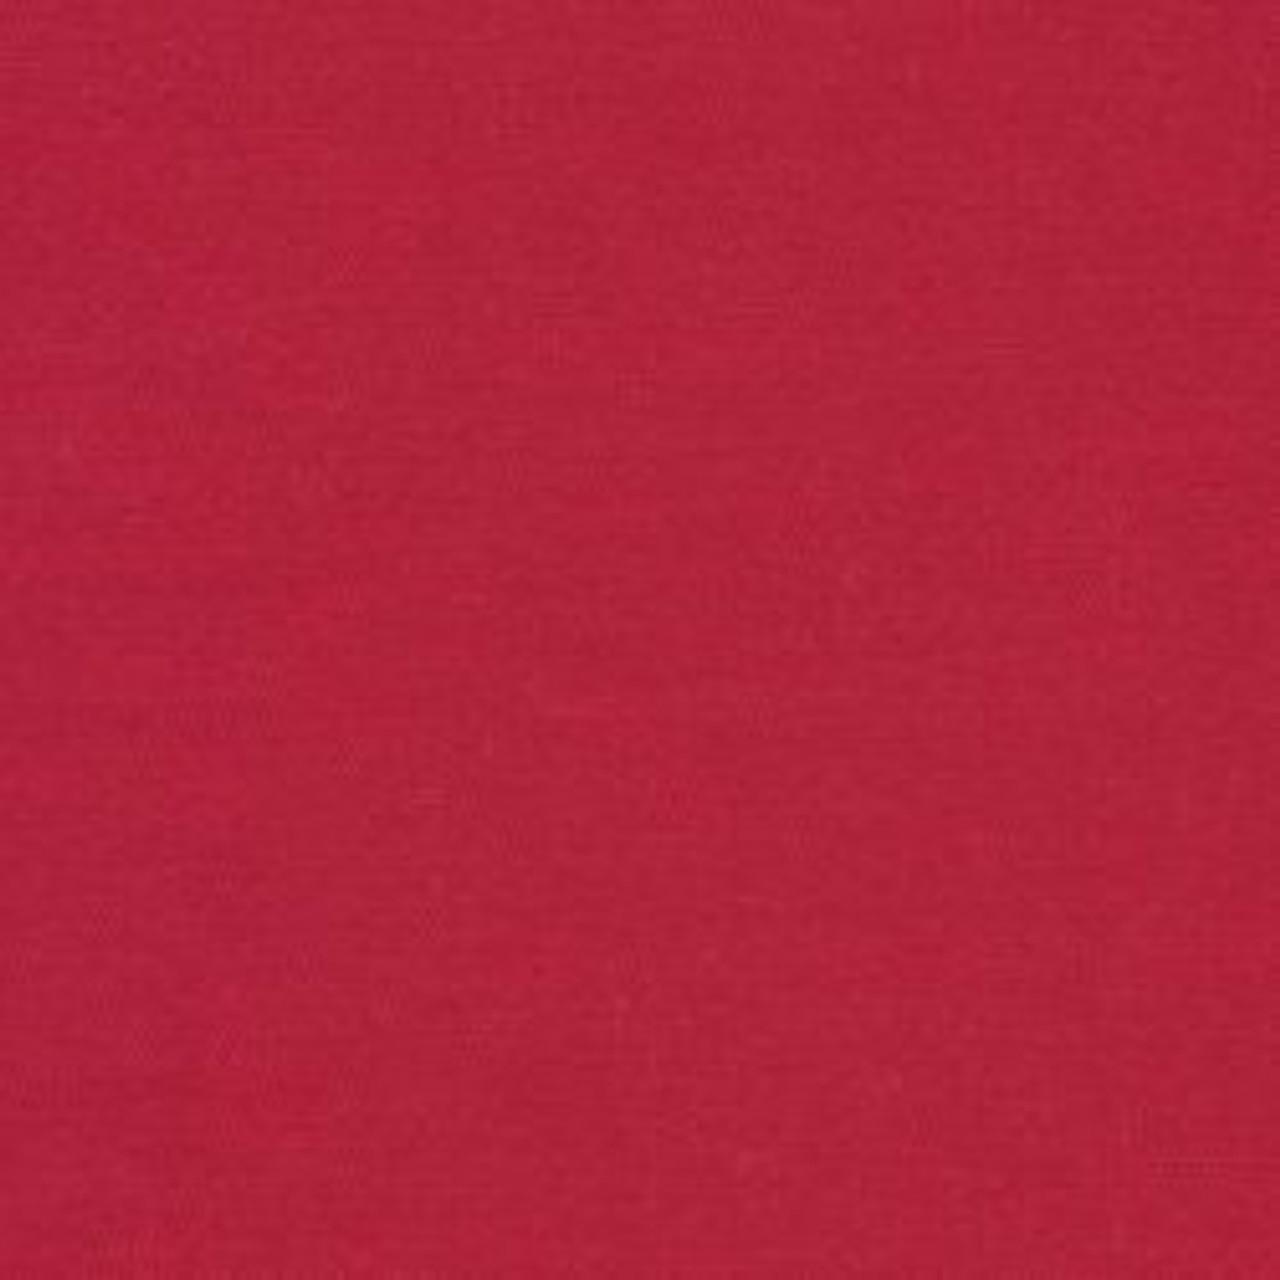 Sevilla Shots - Bright Red